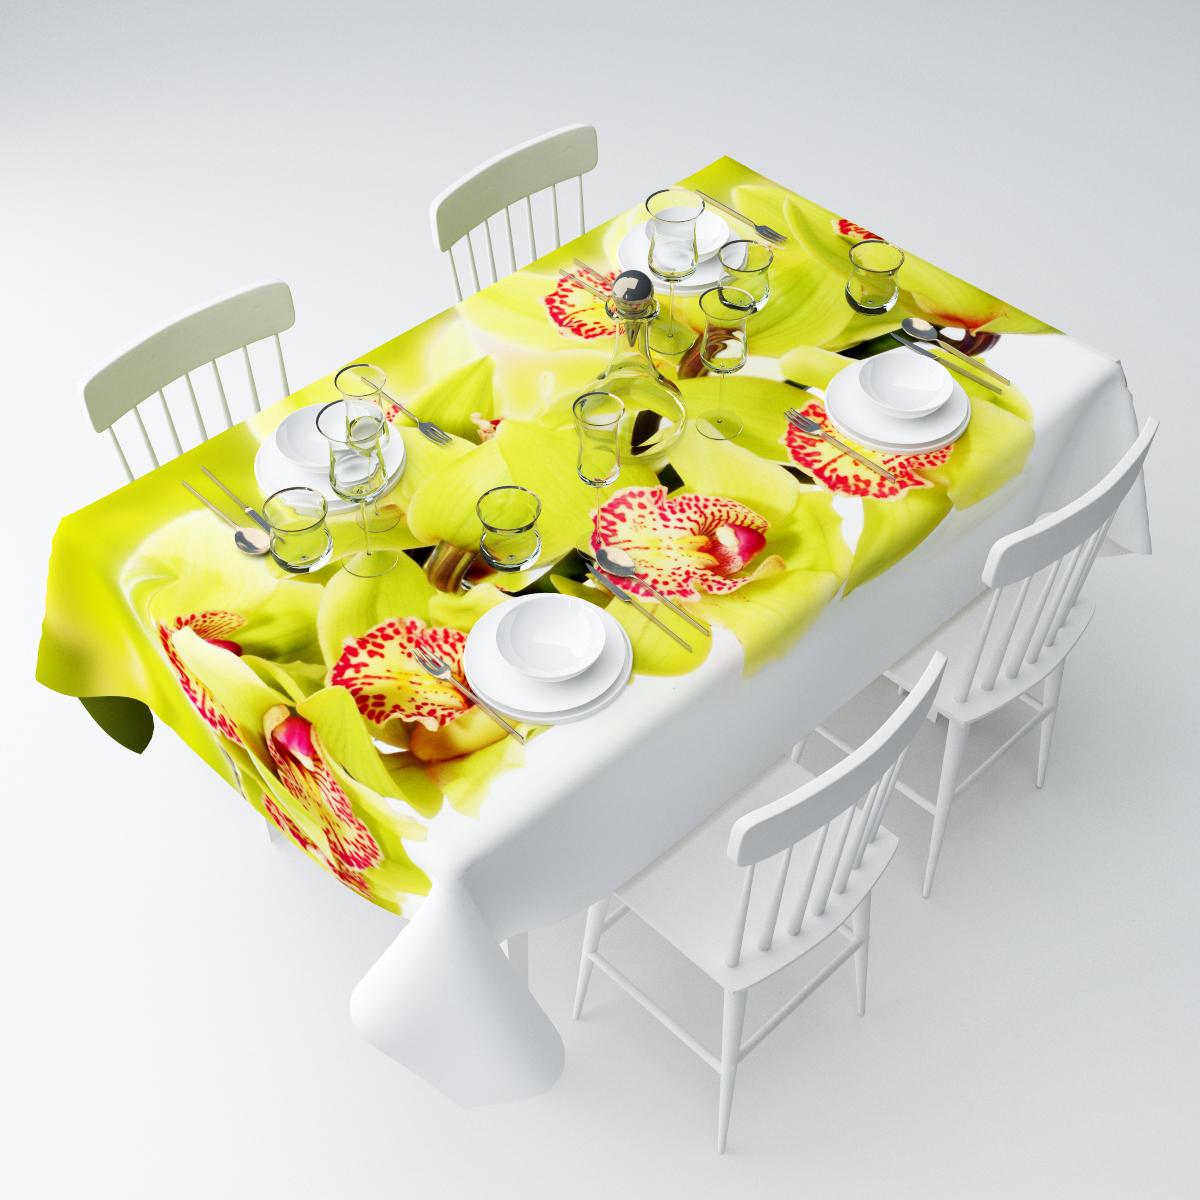 Скатерть Сирень Ветки зеленой орхидеи, прямоугольная, 145 х 220 смСКГБ004-04612Прямоугольная скатерть Сирень Ветки зеленой орхидеи, выполненная изгабардина с ярким рисунком, преобразит вашу кухню, визуальнорасширит пространство, создаст атмосферу радости и комфорта.Рекомендации по уходу: стирка при 30 градусах, гладить при температуре до 110градусов. Размер скатерти: 145 х 220 см.Изображение может немного отличаться от реального.